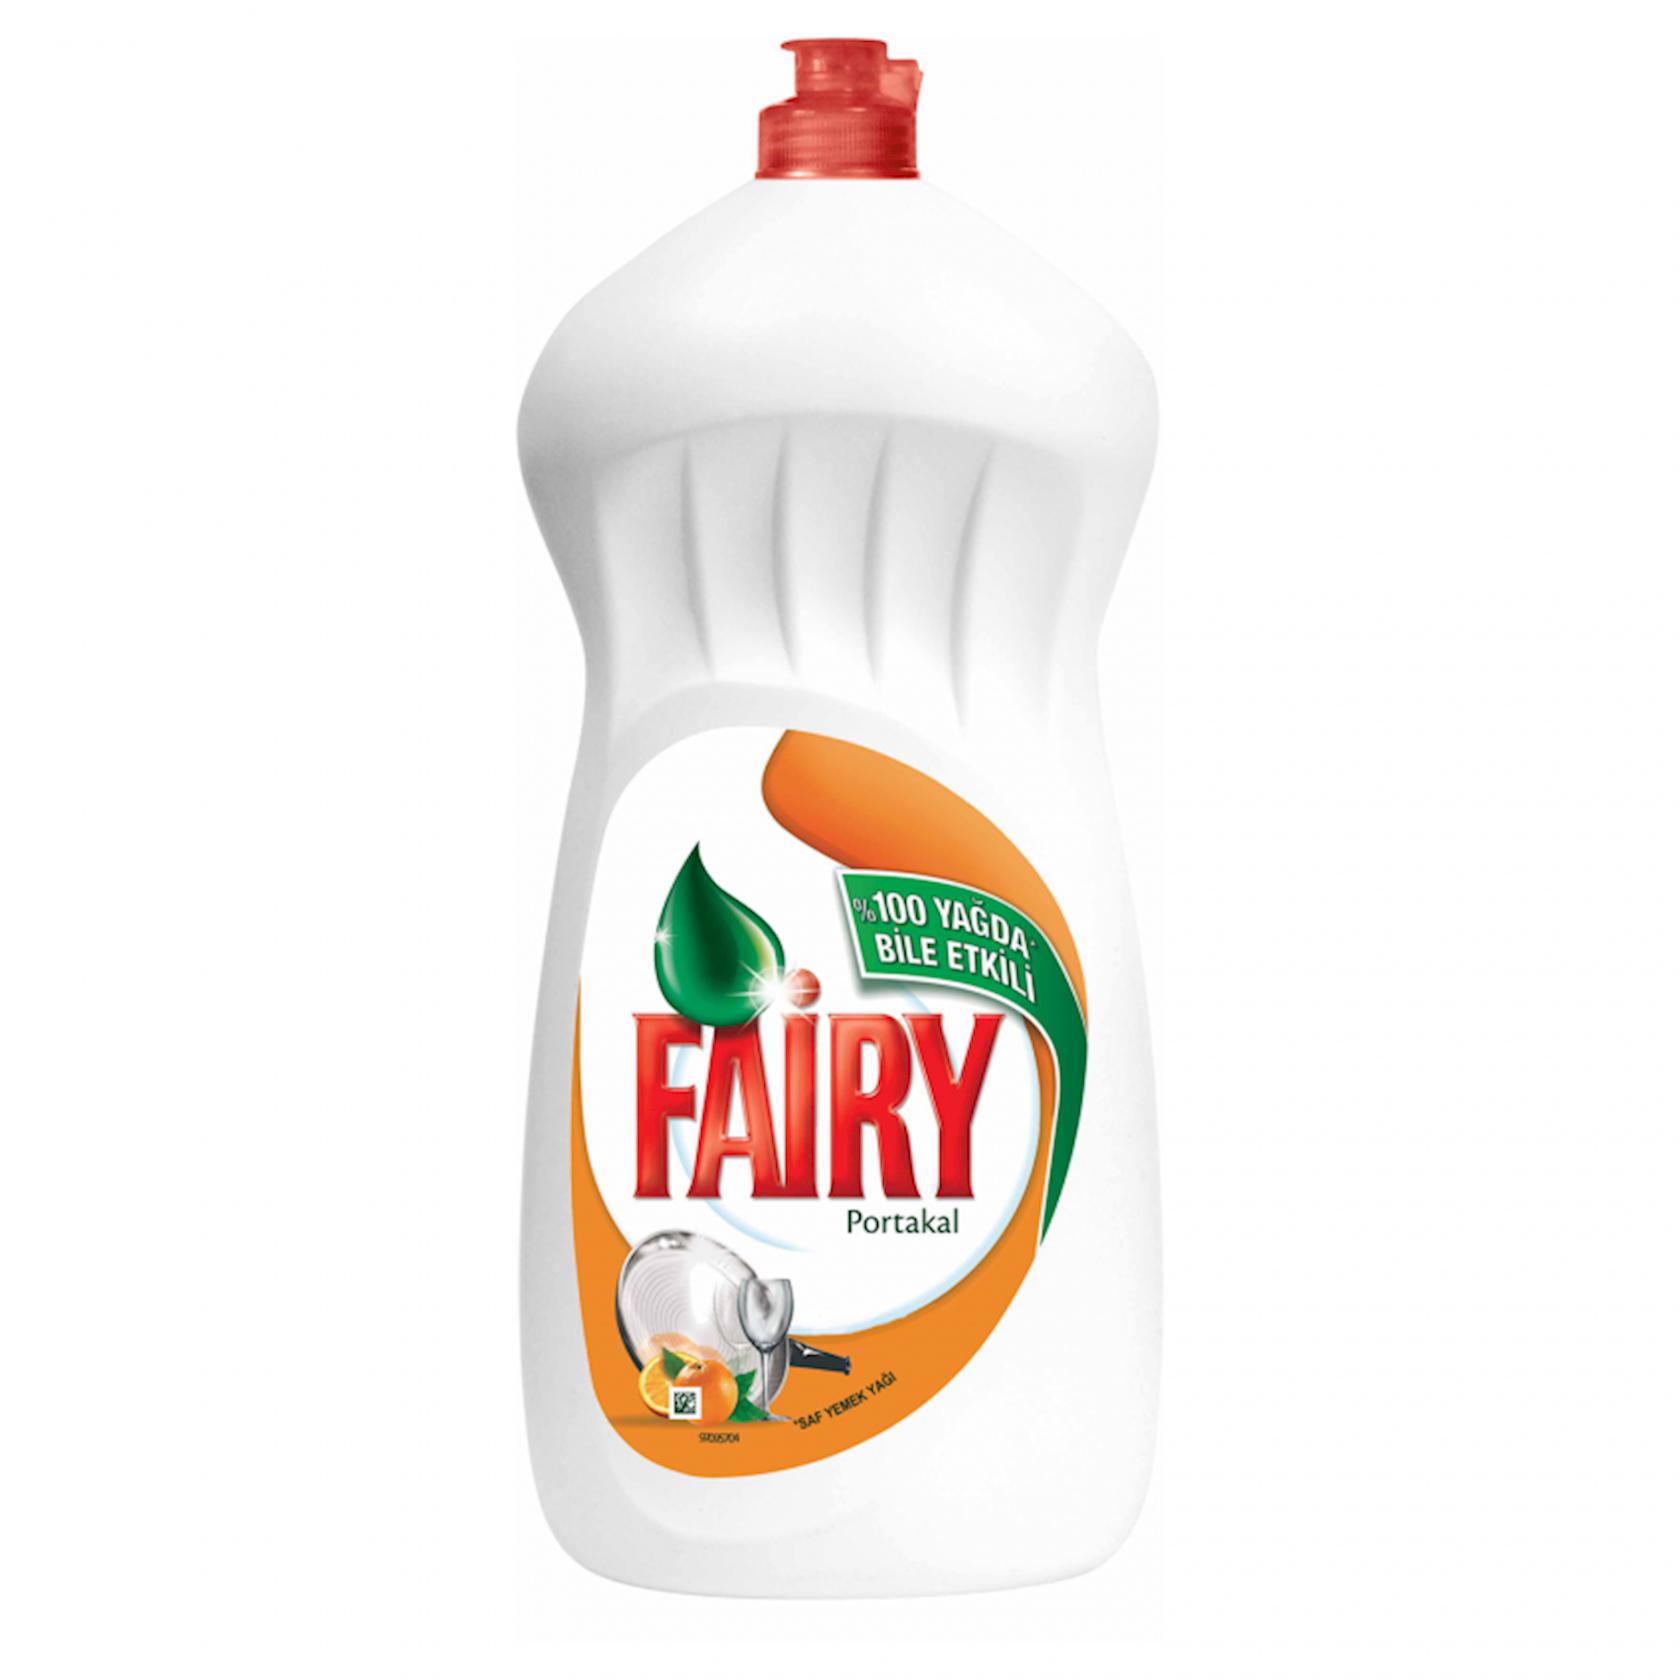 Qabyuyan vasitə Fairy Portağal 450 ml